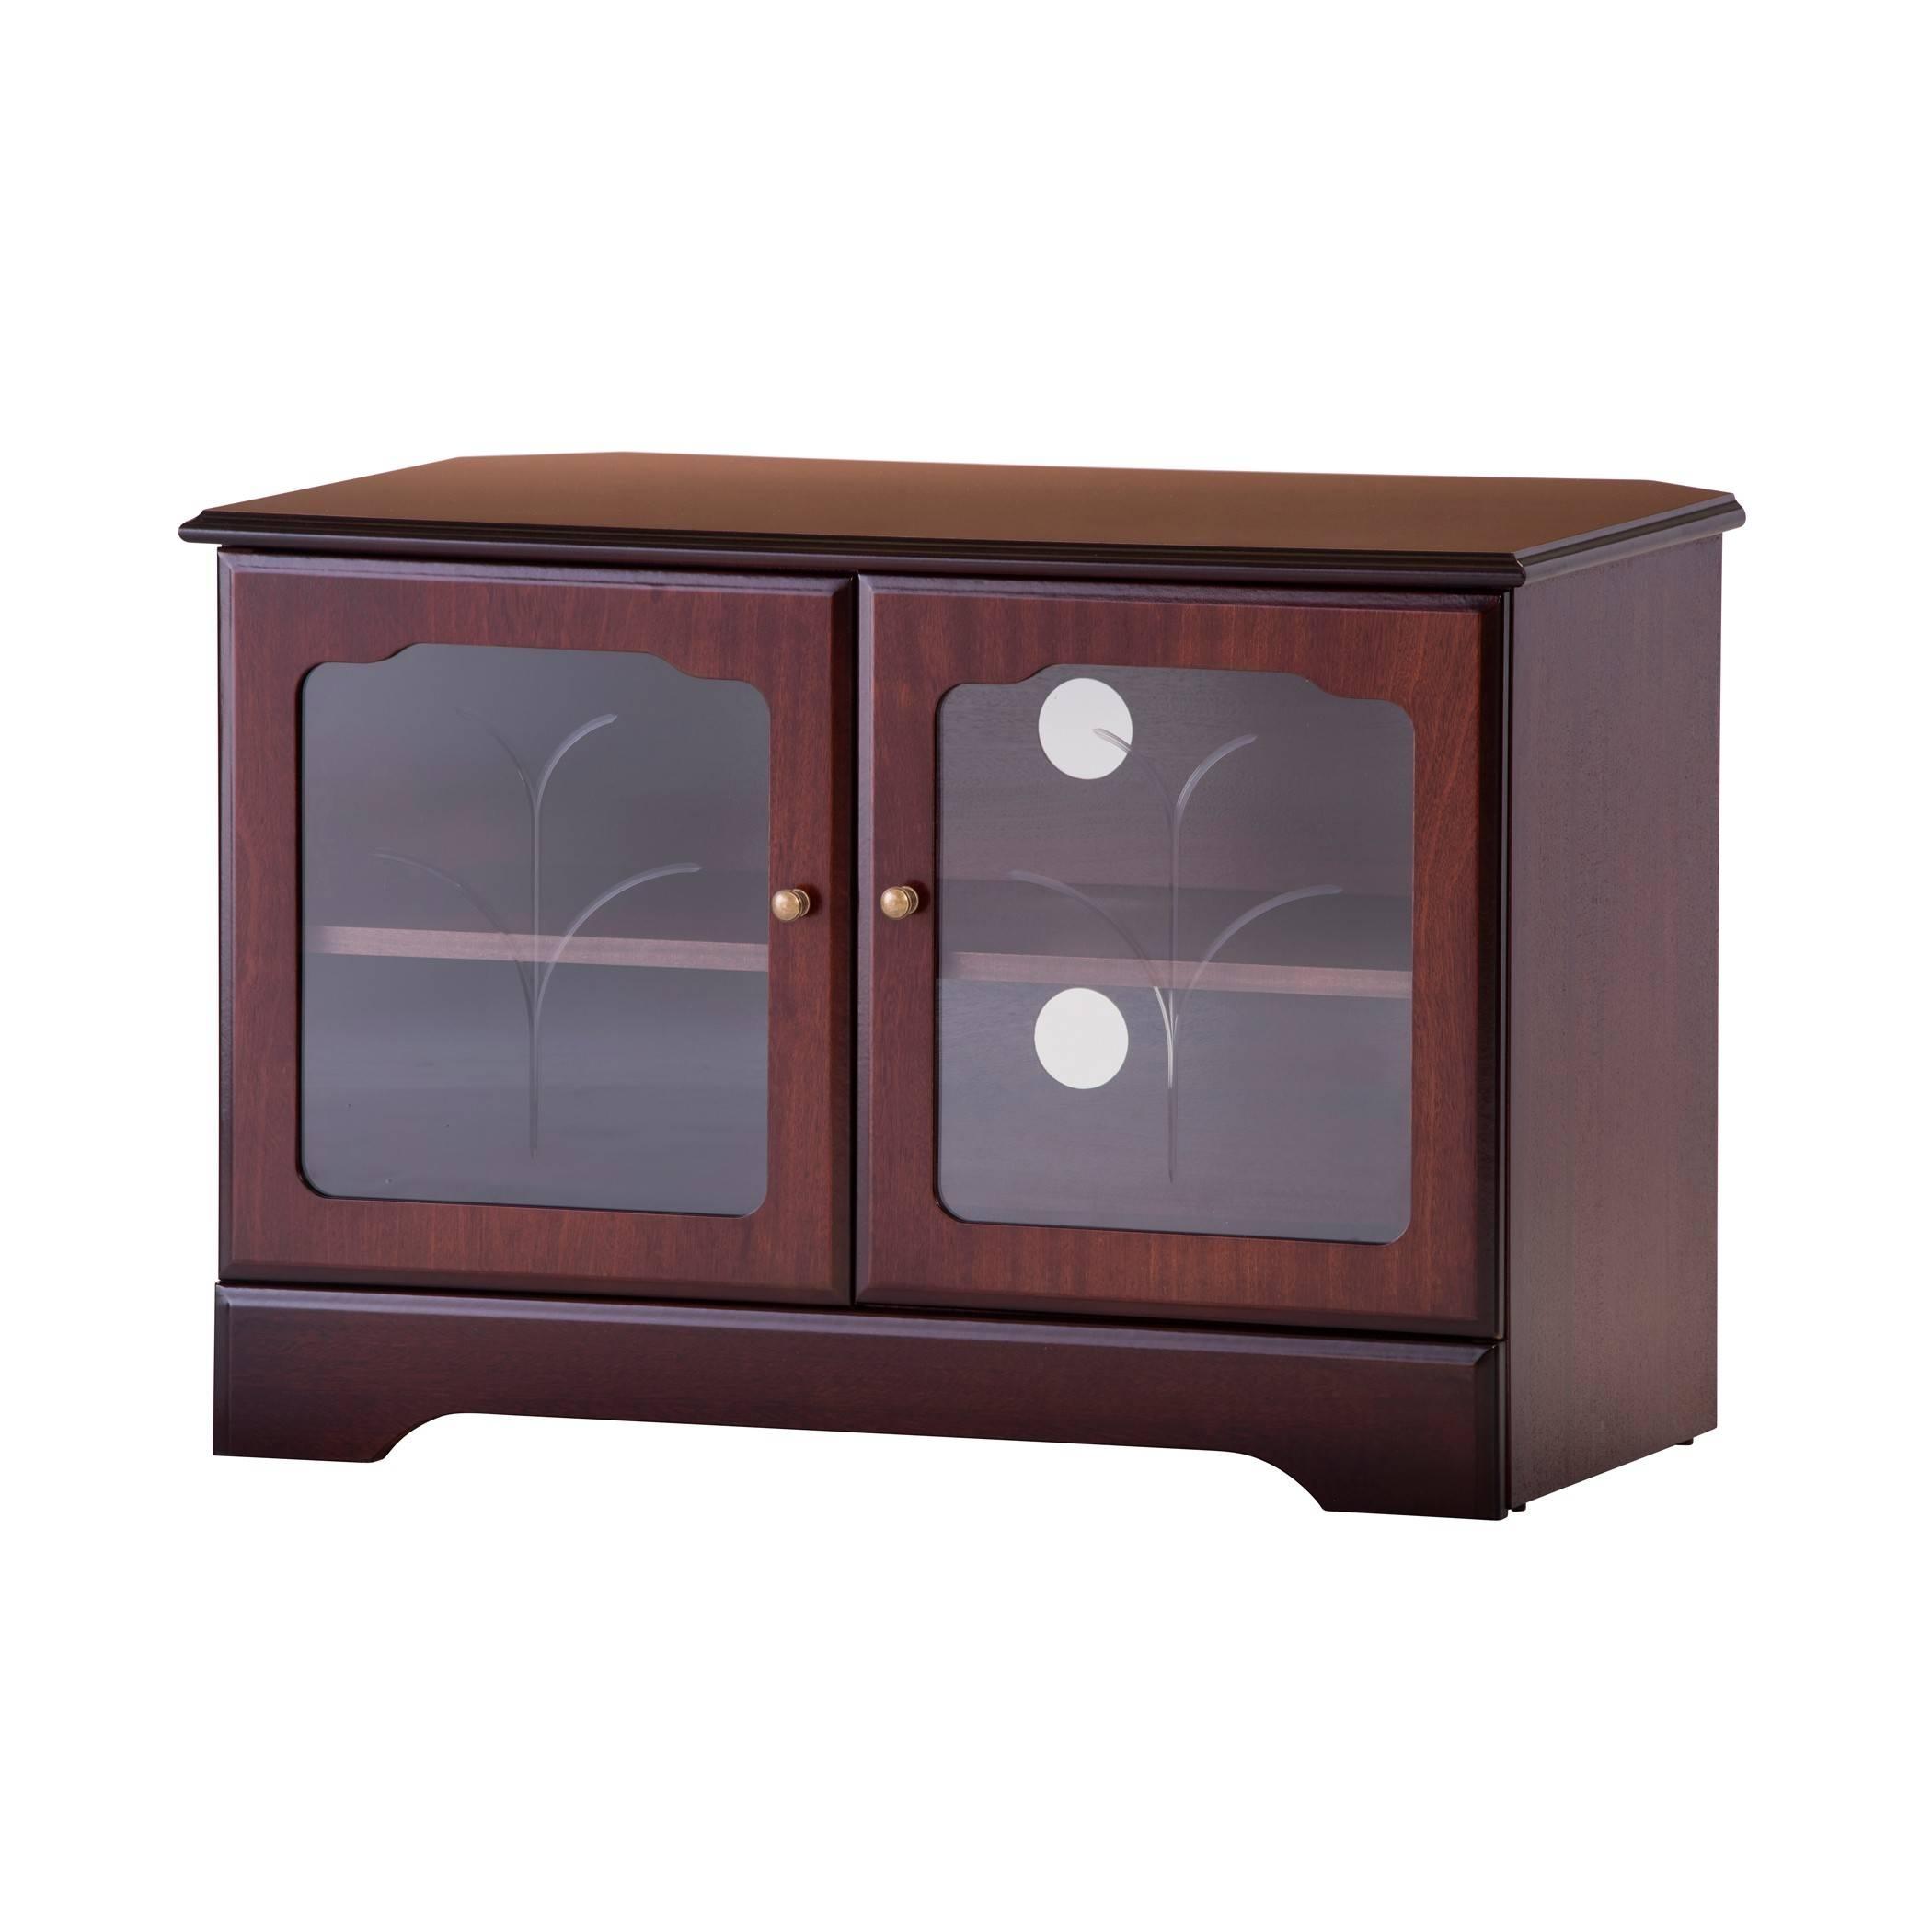 Corner Tv Stand In Mahogany Or Teak | Gola Furniture Uk regarding Mahogany Tv Stands (Image 5 of 15)